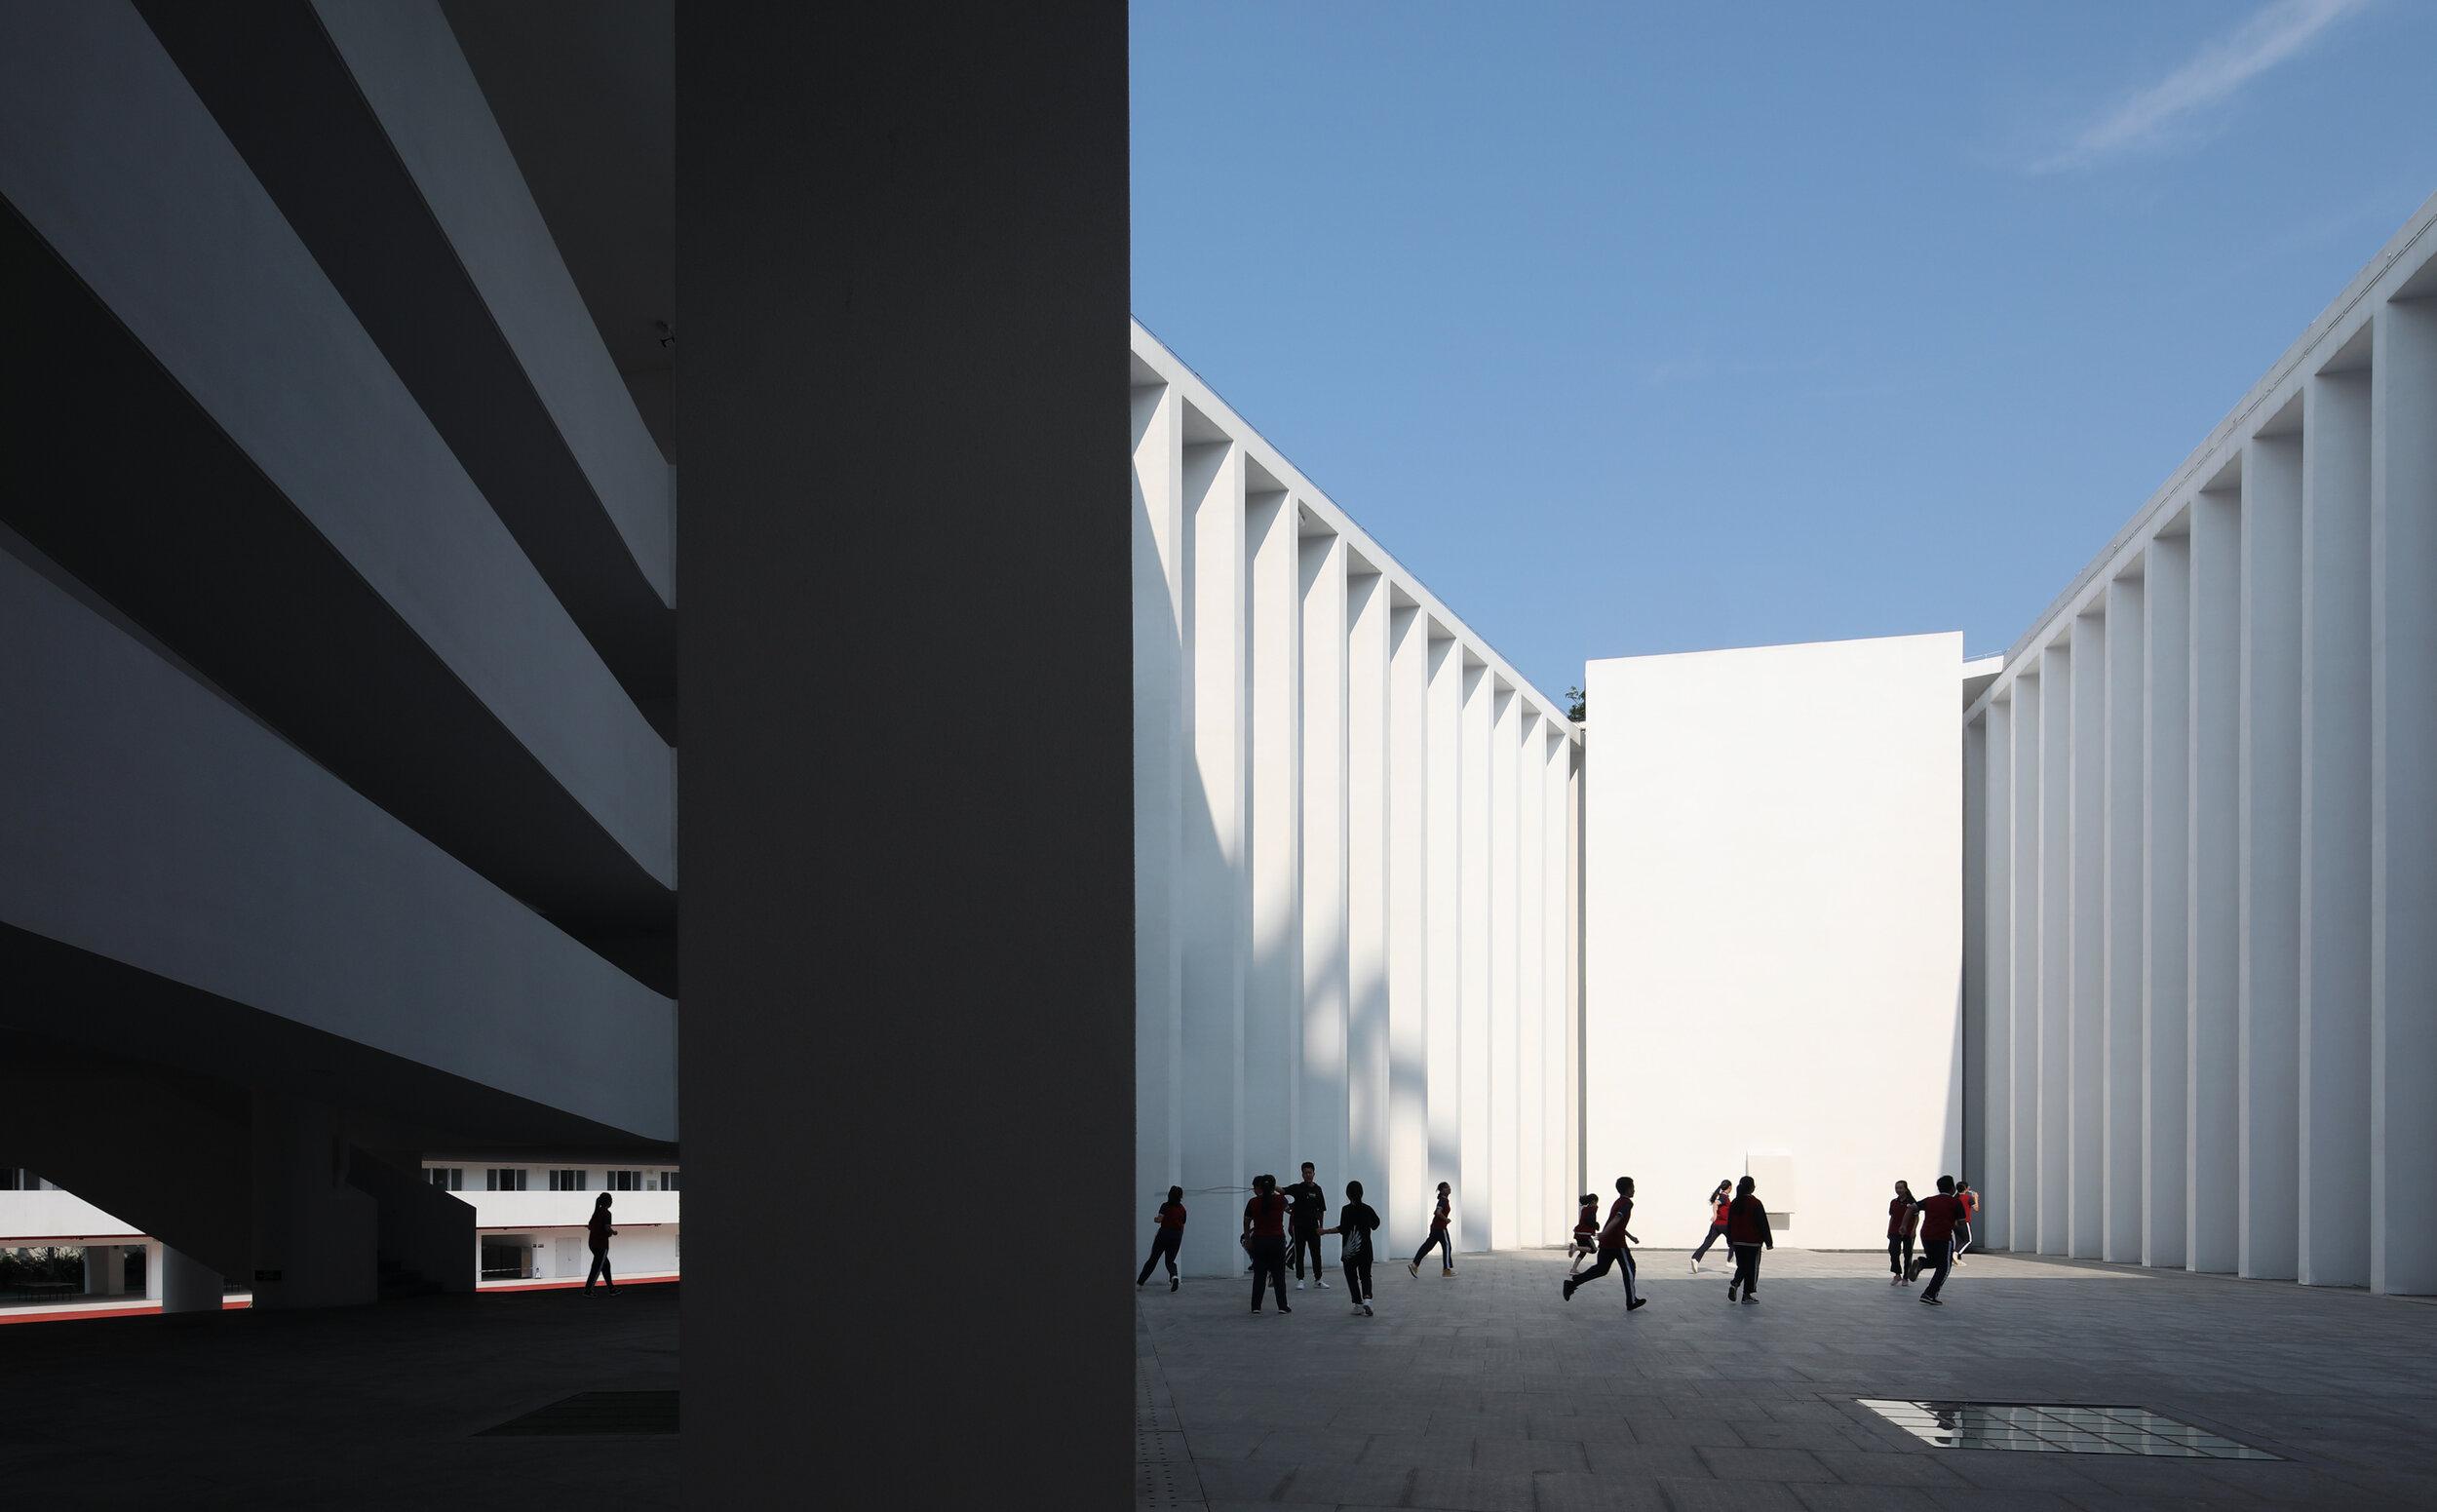 16 中心庭院 02 ?是然建筑攝影  courtyard 02 ?Schran Images.jpg